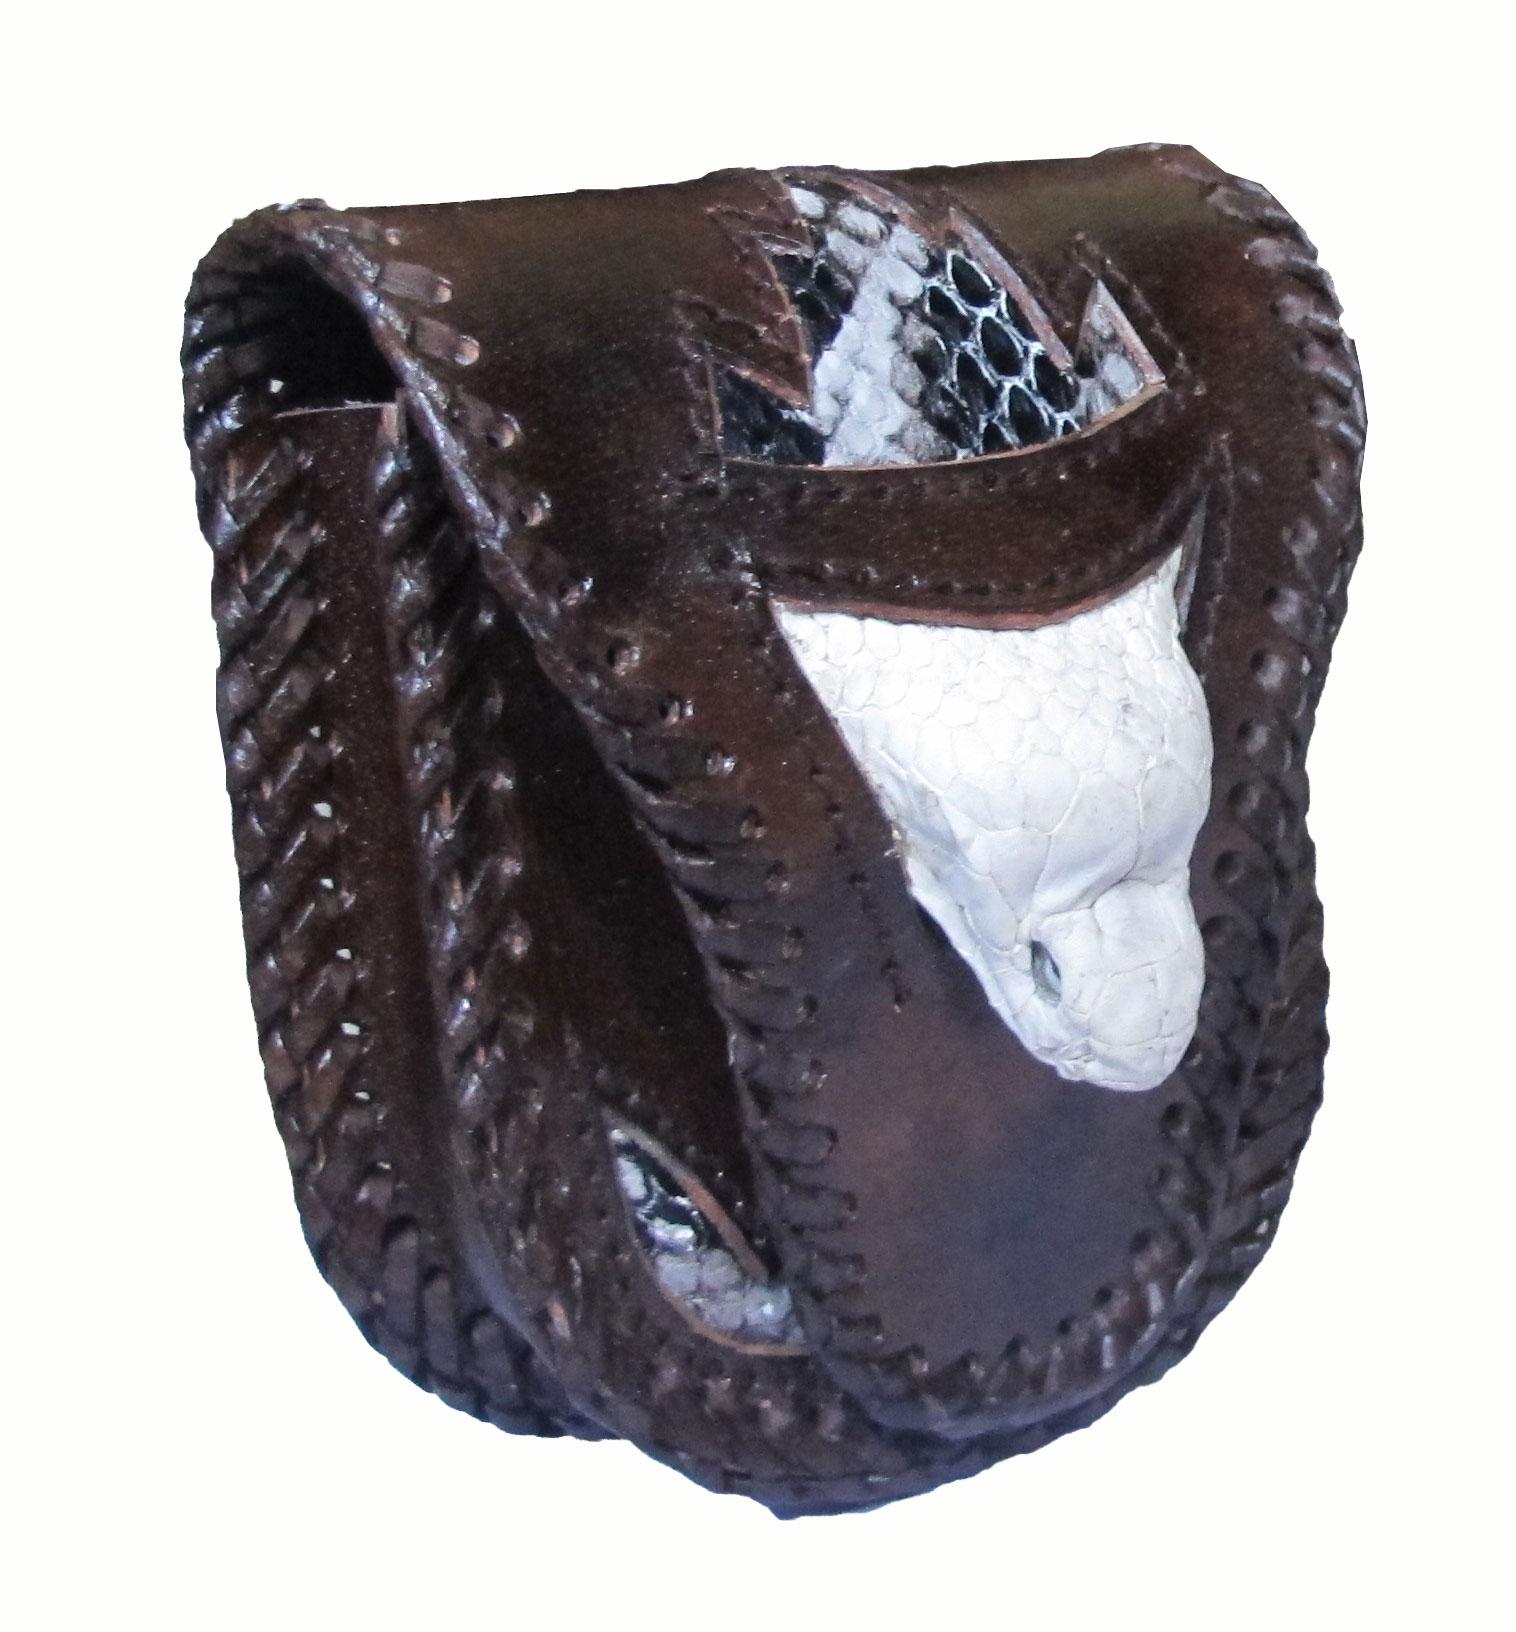 กระเป๋าใส่ซองบุหรี่ ดีไซน์ที่แตกต่าง หัวงูแท้ ไม่เหมือนใคร